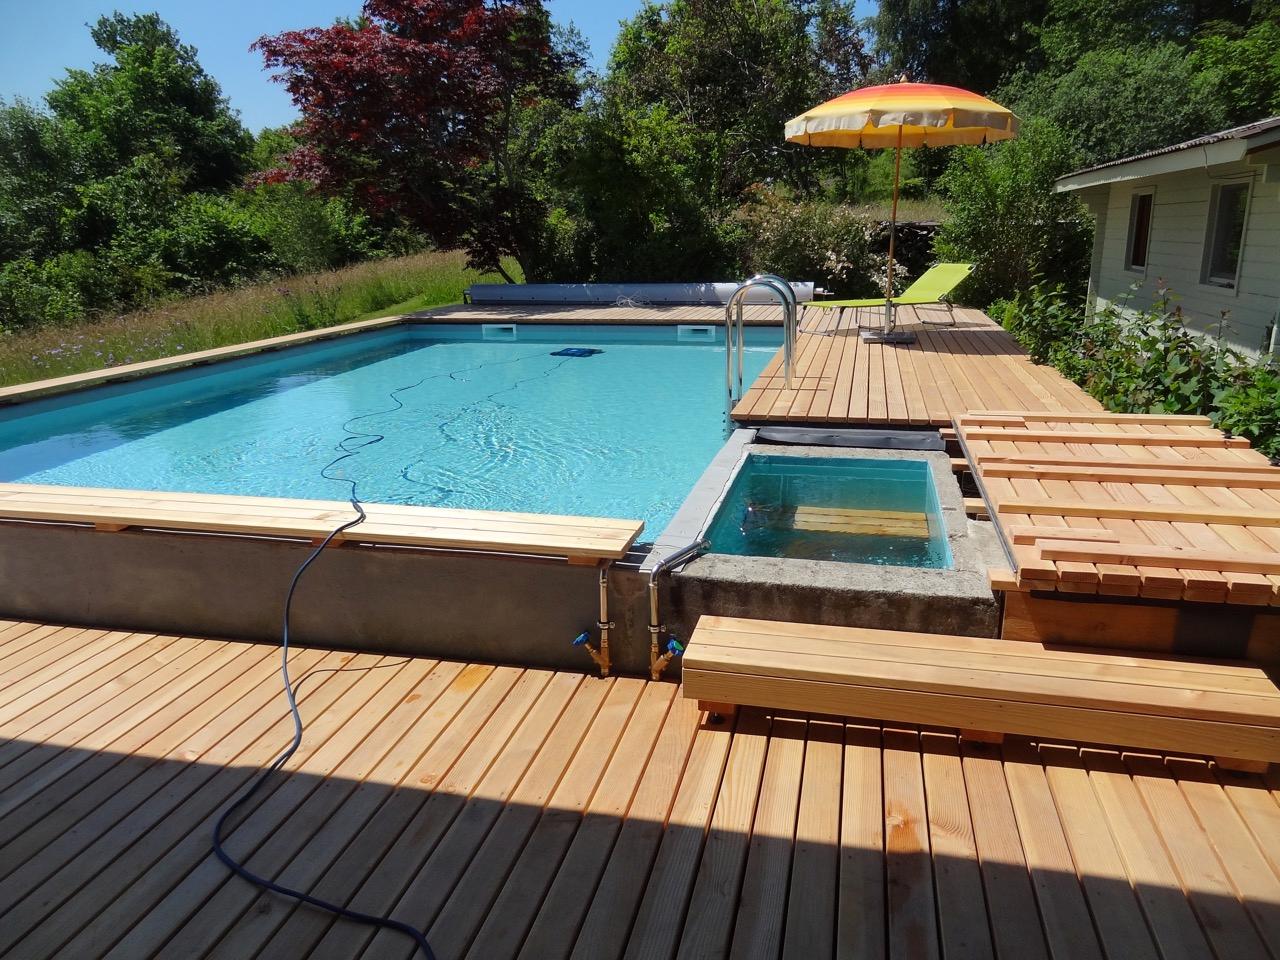 Schwimmbadsanierung mit Folie Poolheizung, Garten pool